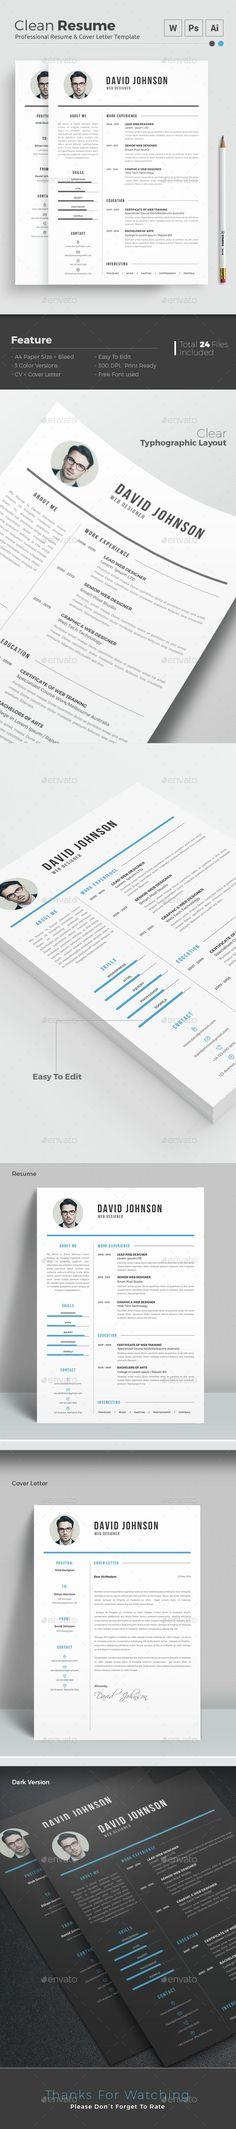 sample resume format Resume Pinterest Sample resume format - clean resume format